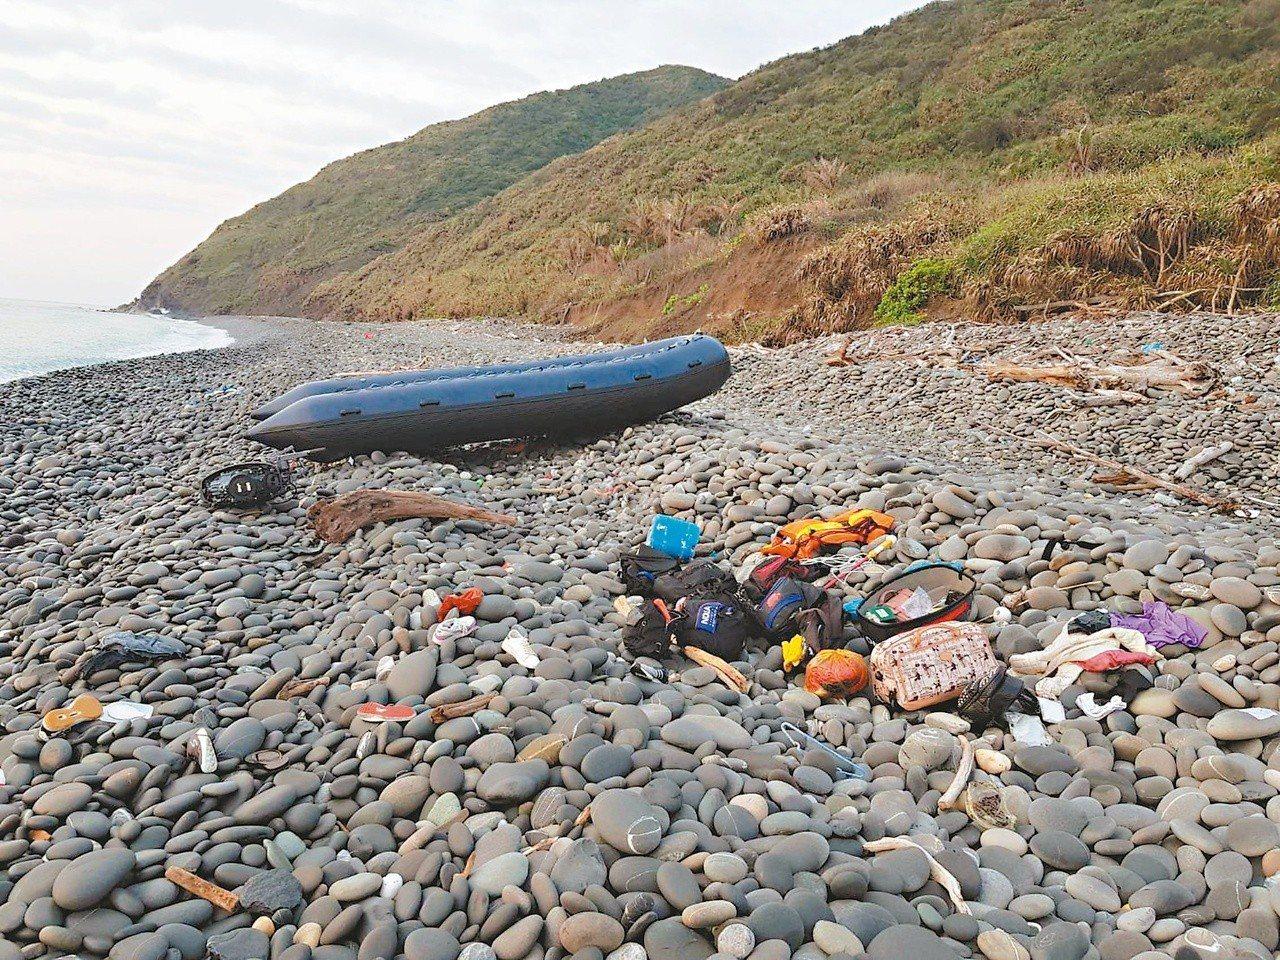 海巡人員在南田海邊發現越南偷渡客搭乘的橡皮艇及丟棄的物品。圖/東巡局提供